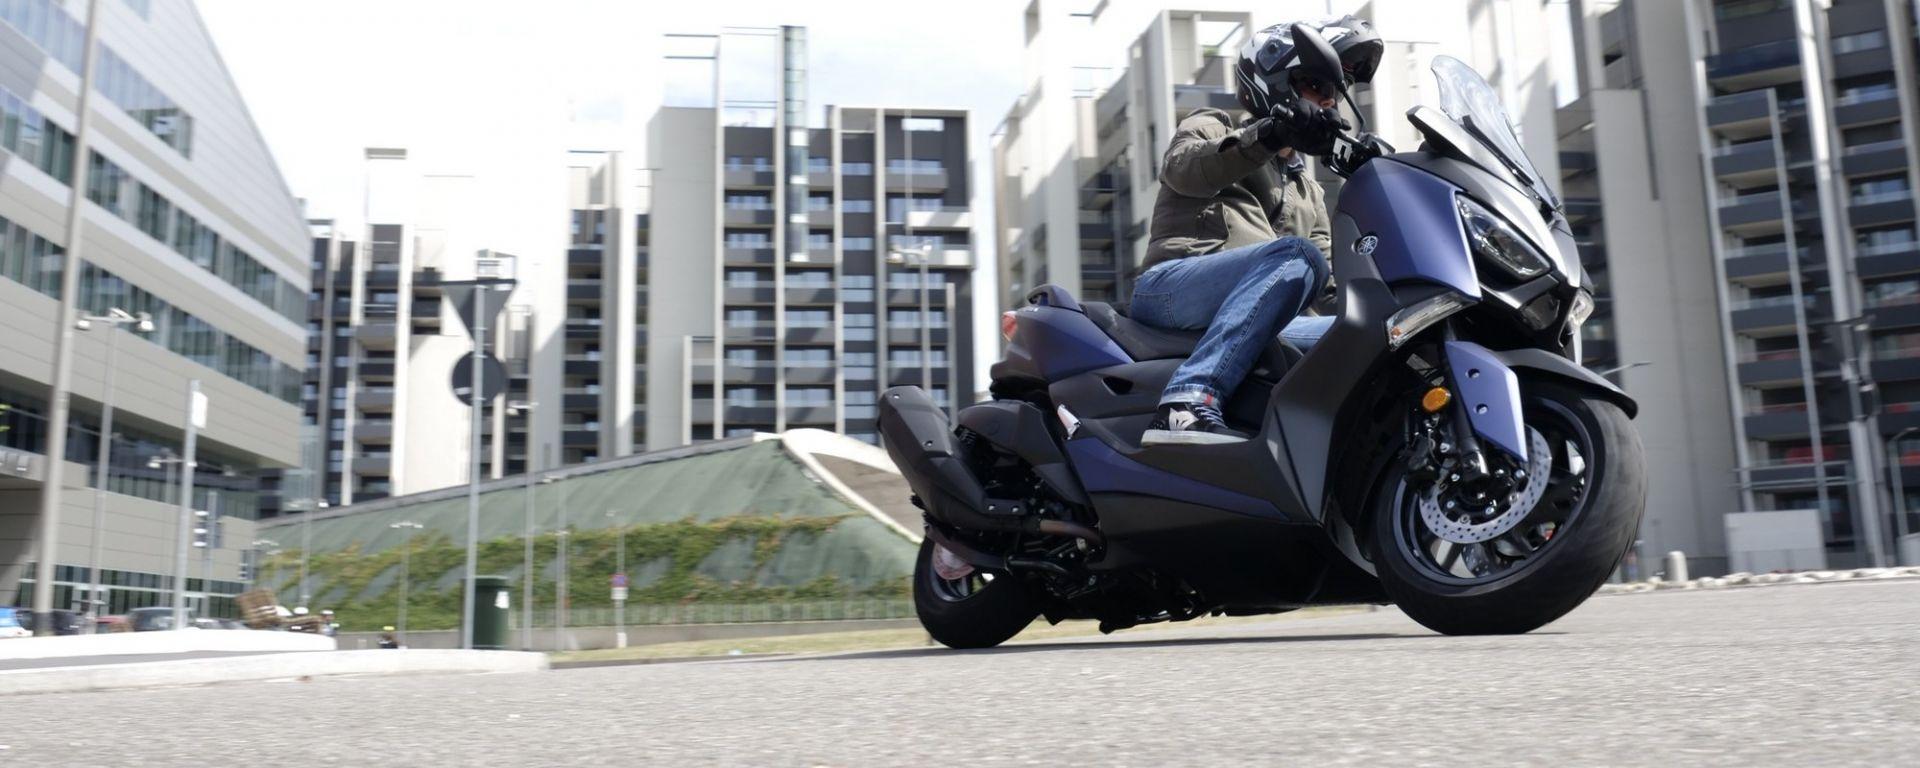 Yamaha X-Max 400: la prova del nuovo maxiscooter premium